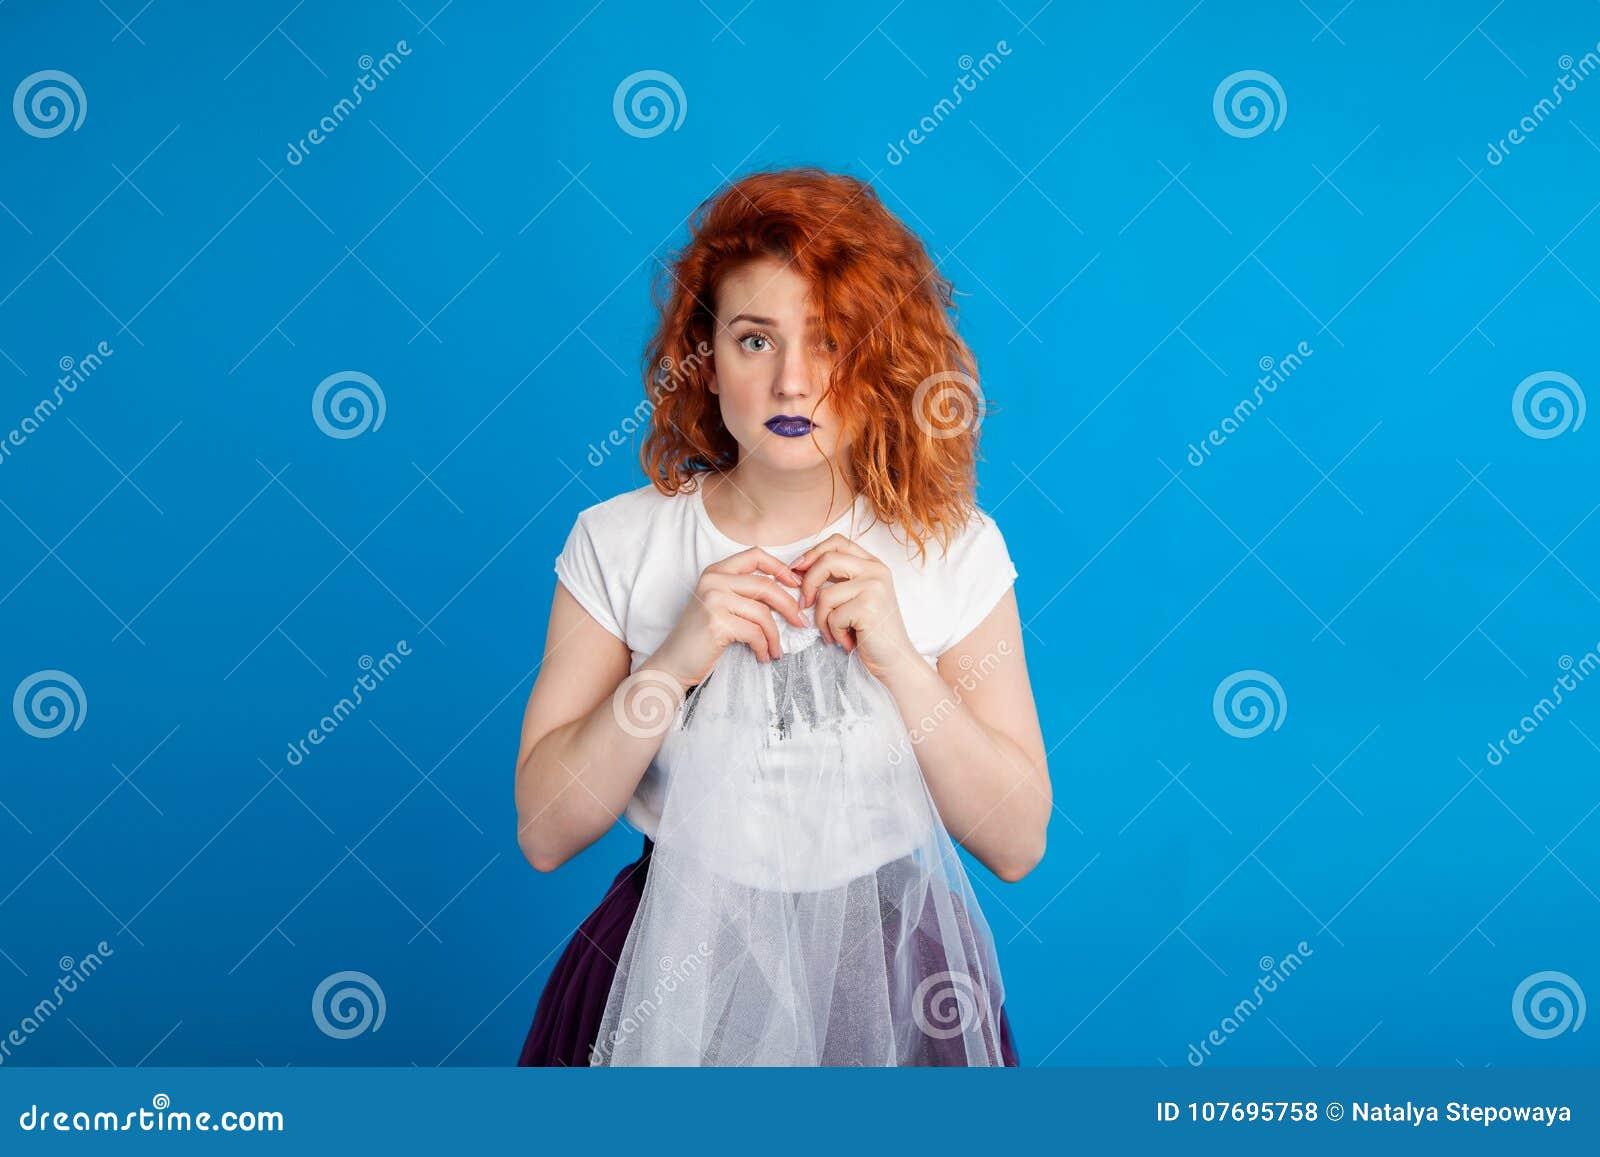 仿照废物样式的迷茫的红发女孩 情感概念 在明亮地蓝色m背景 安置文本